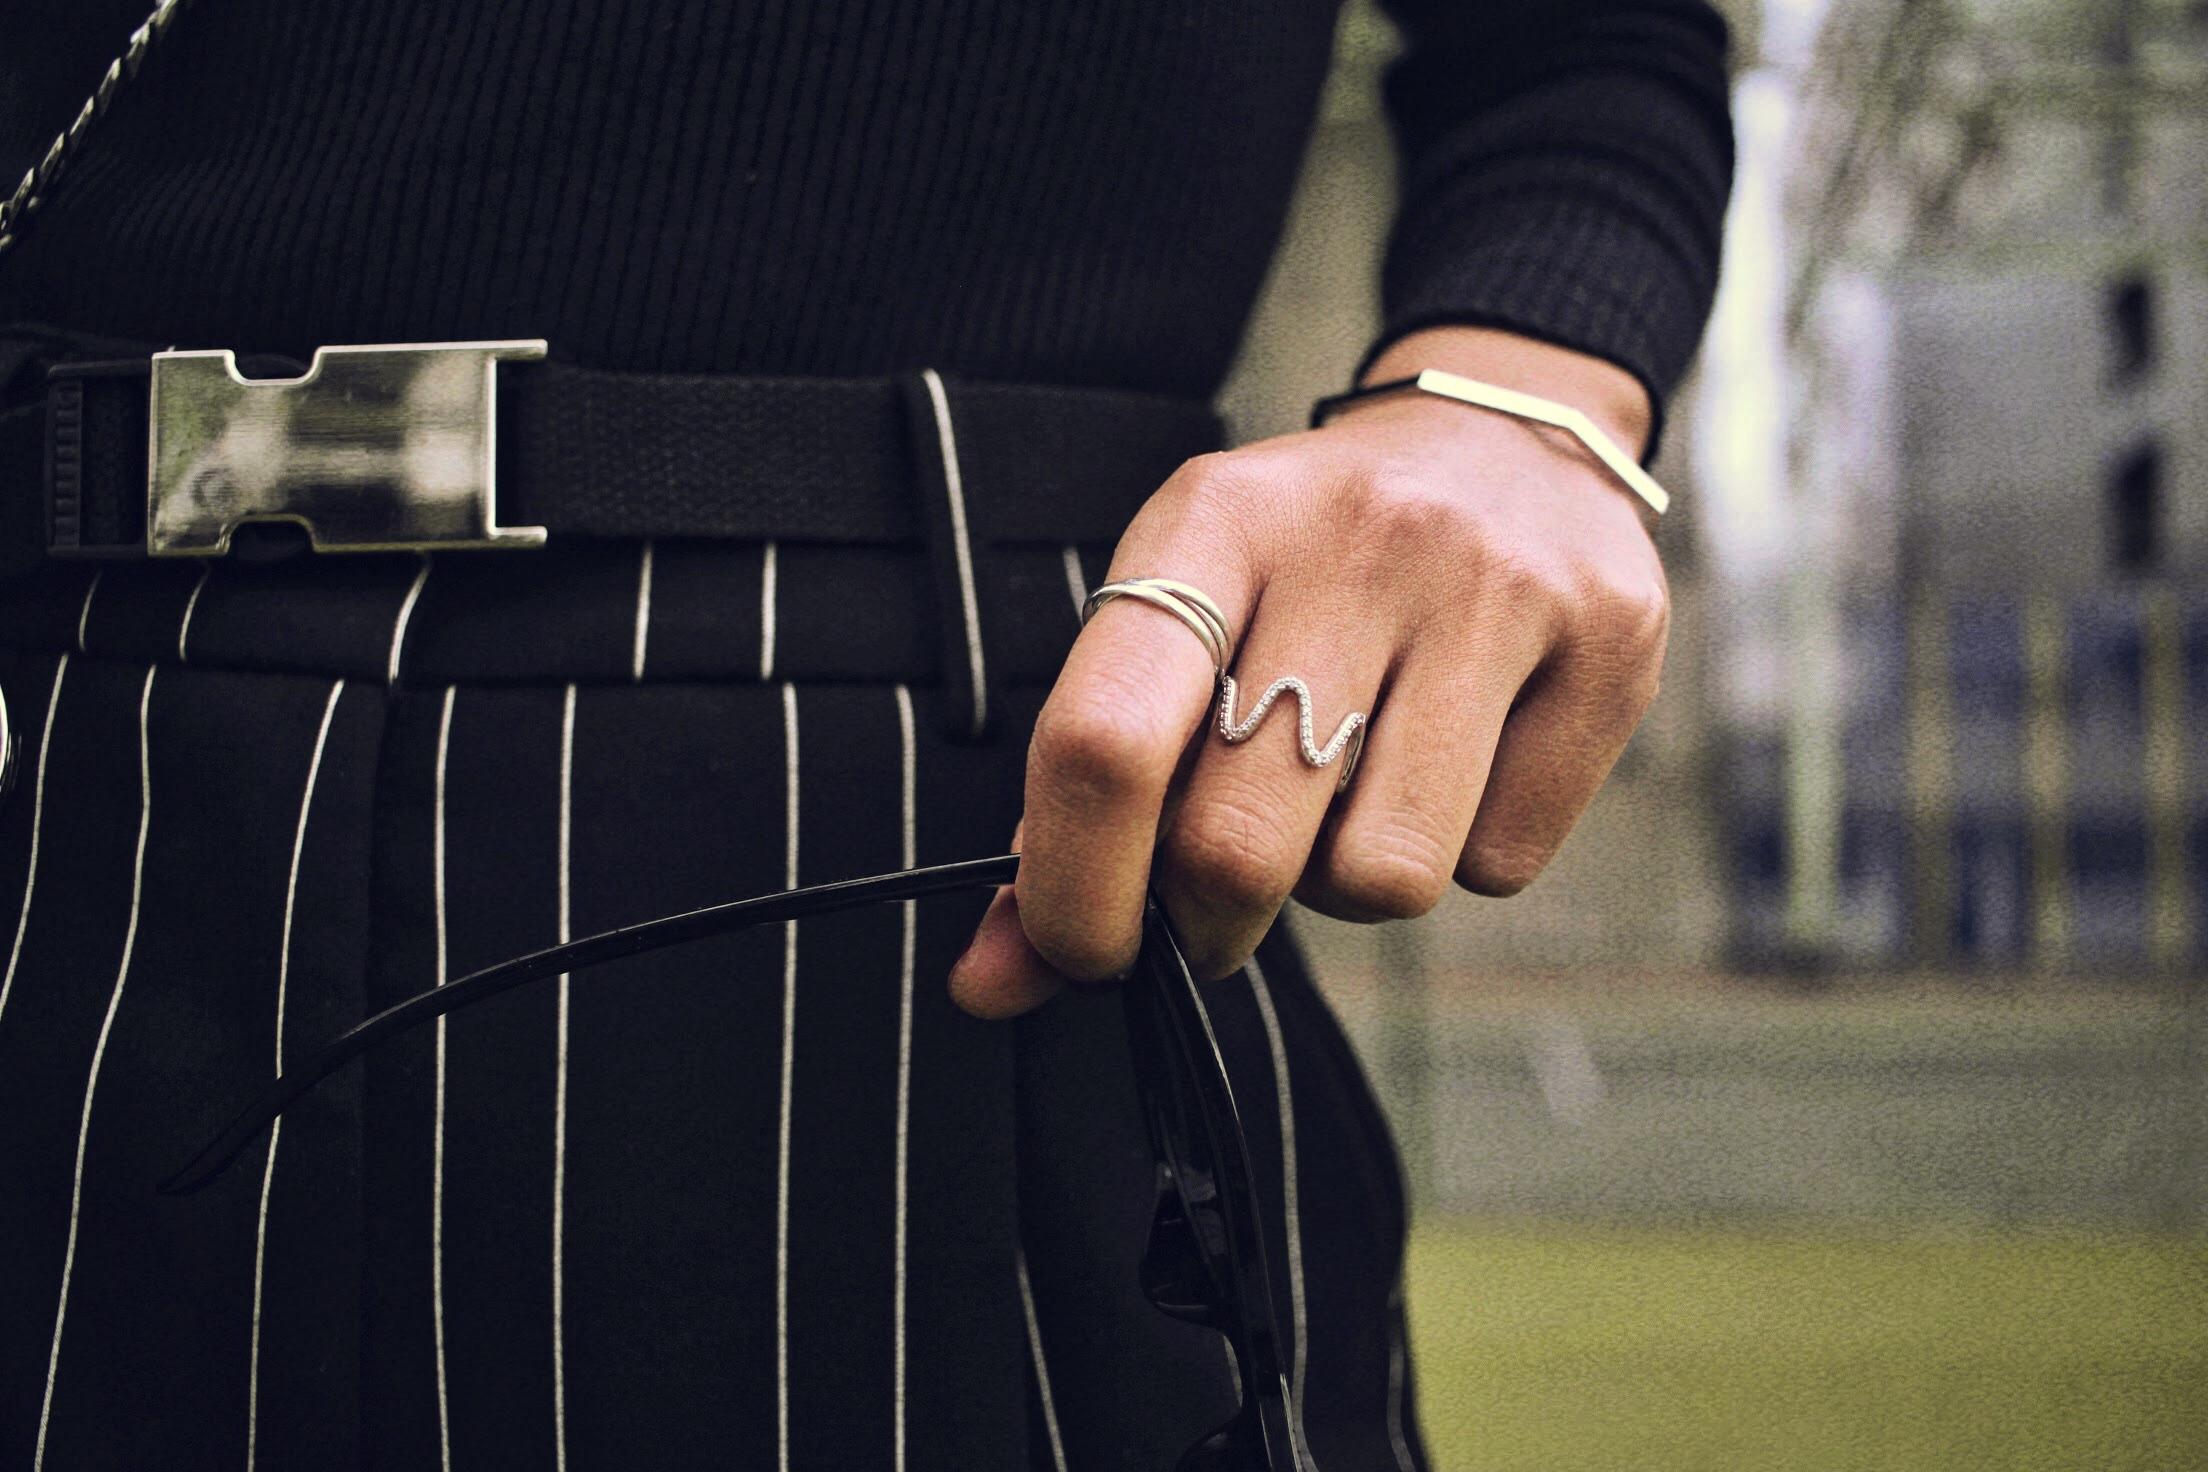 sac astré paris - Lindsay blogueuse